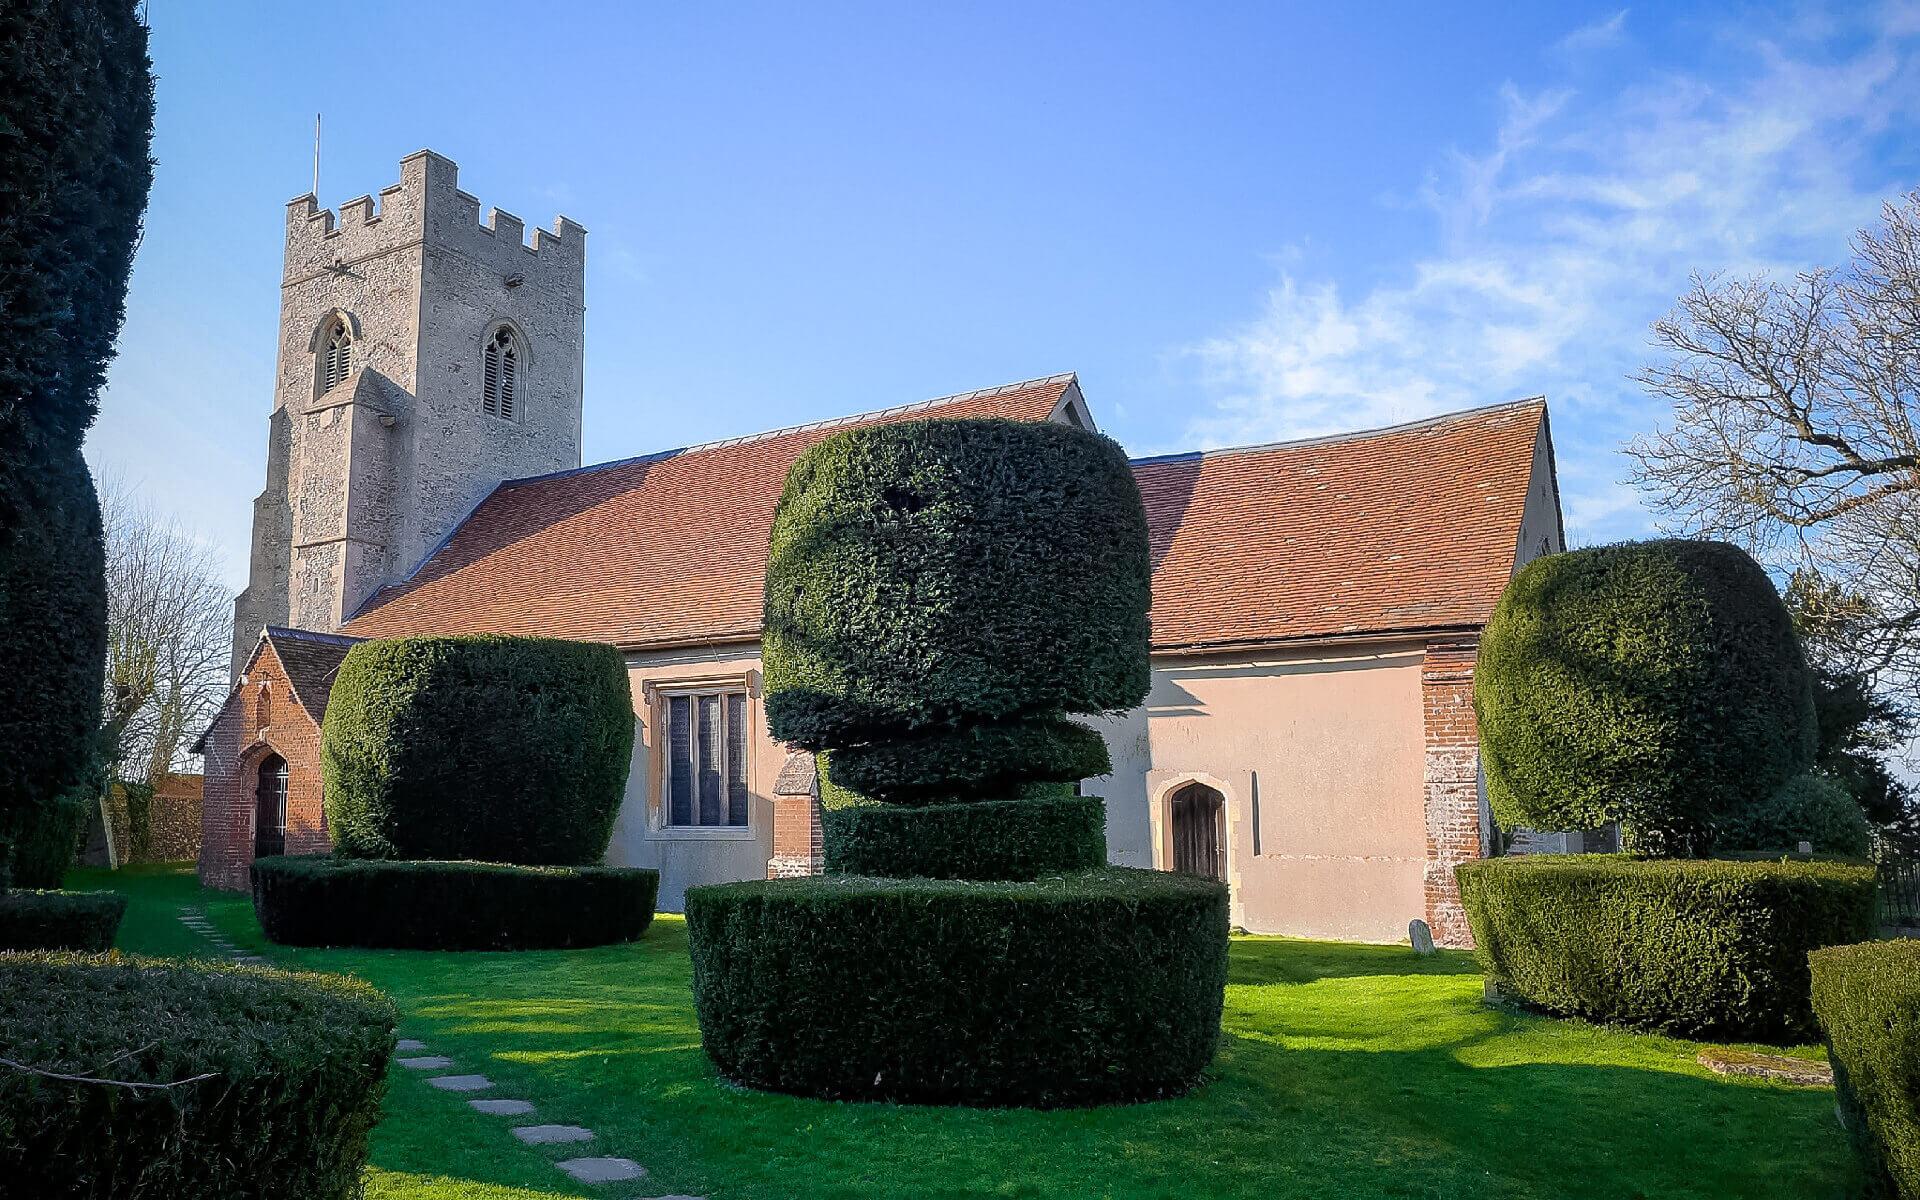 Borley Church in Essex